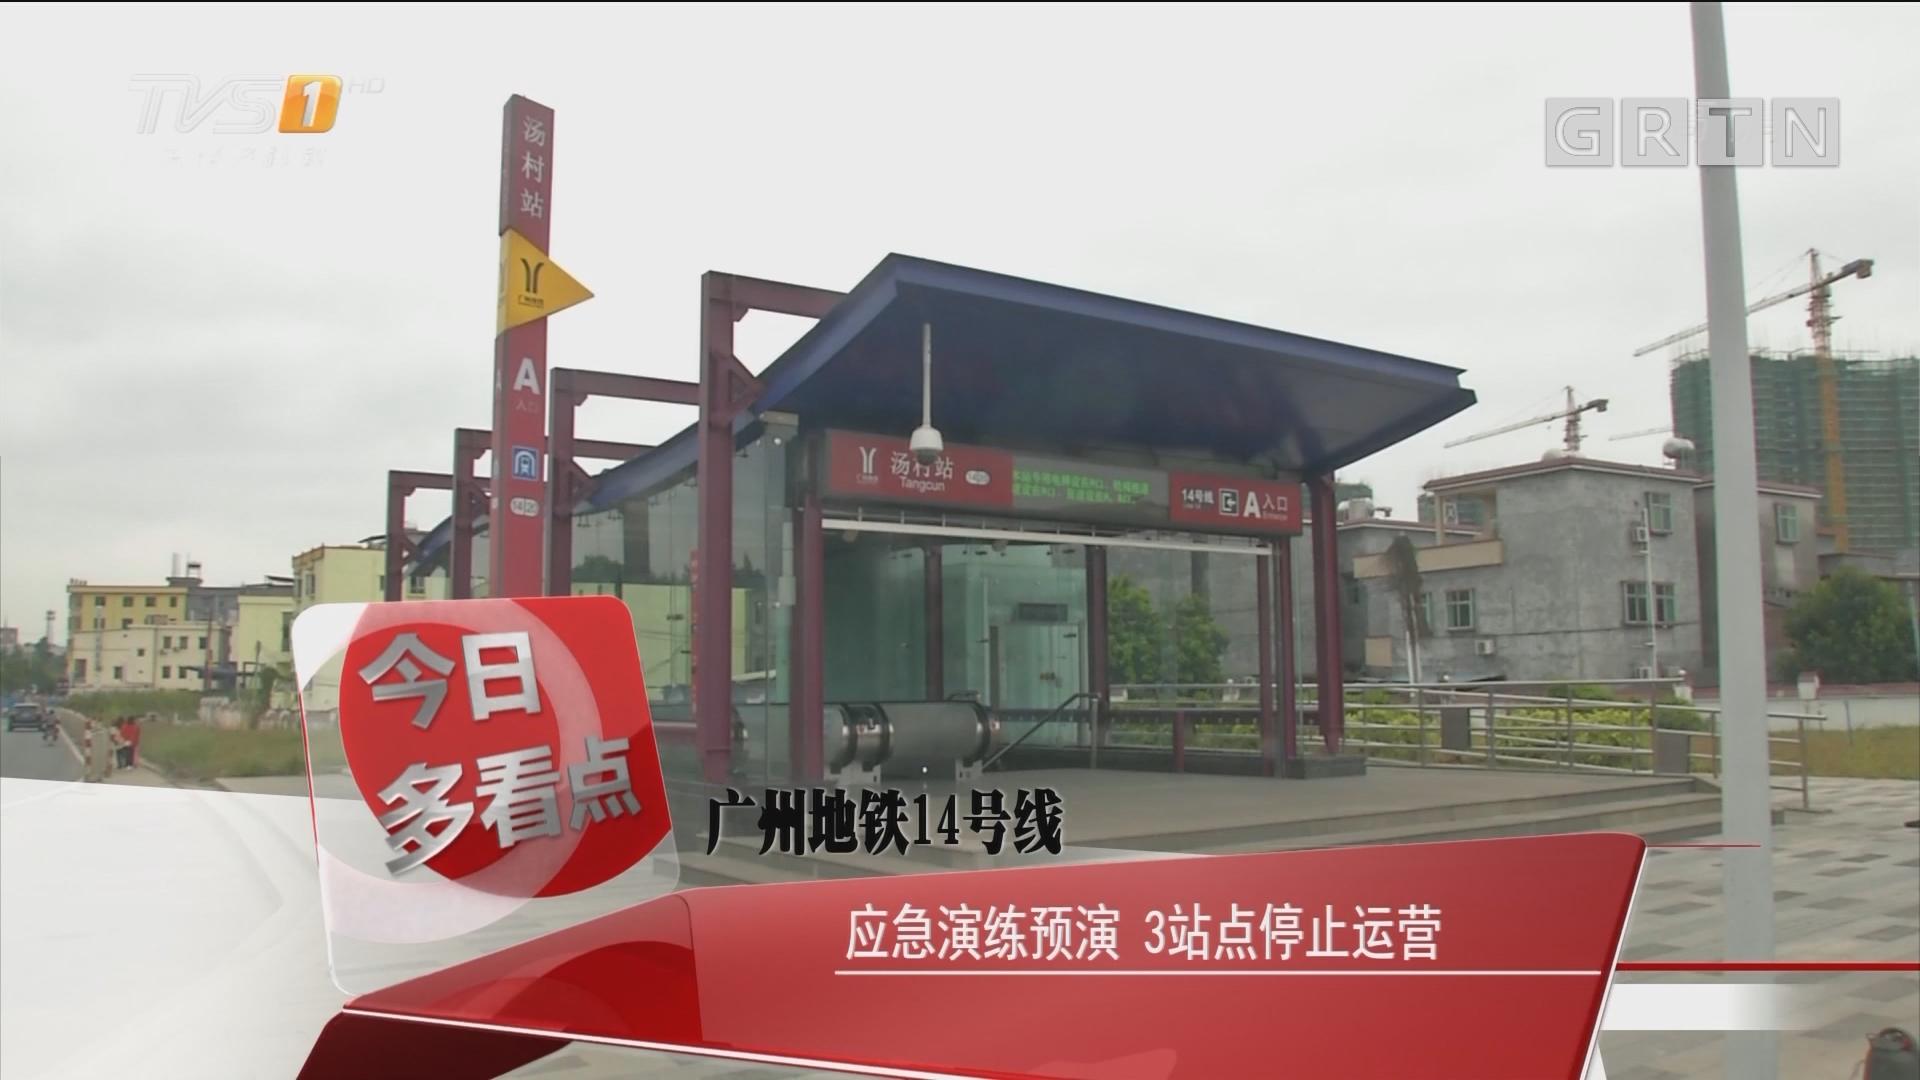 广州地铁14号线:应急演练预演 3站点停止运营